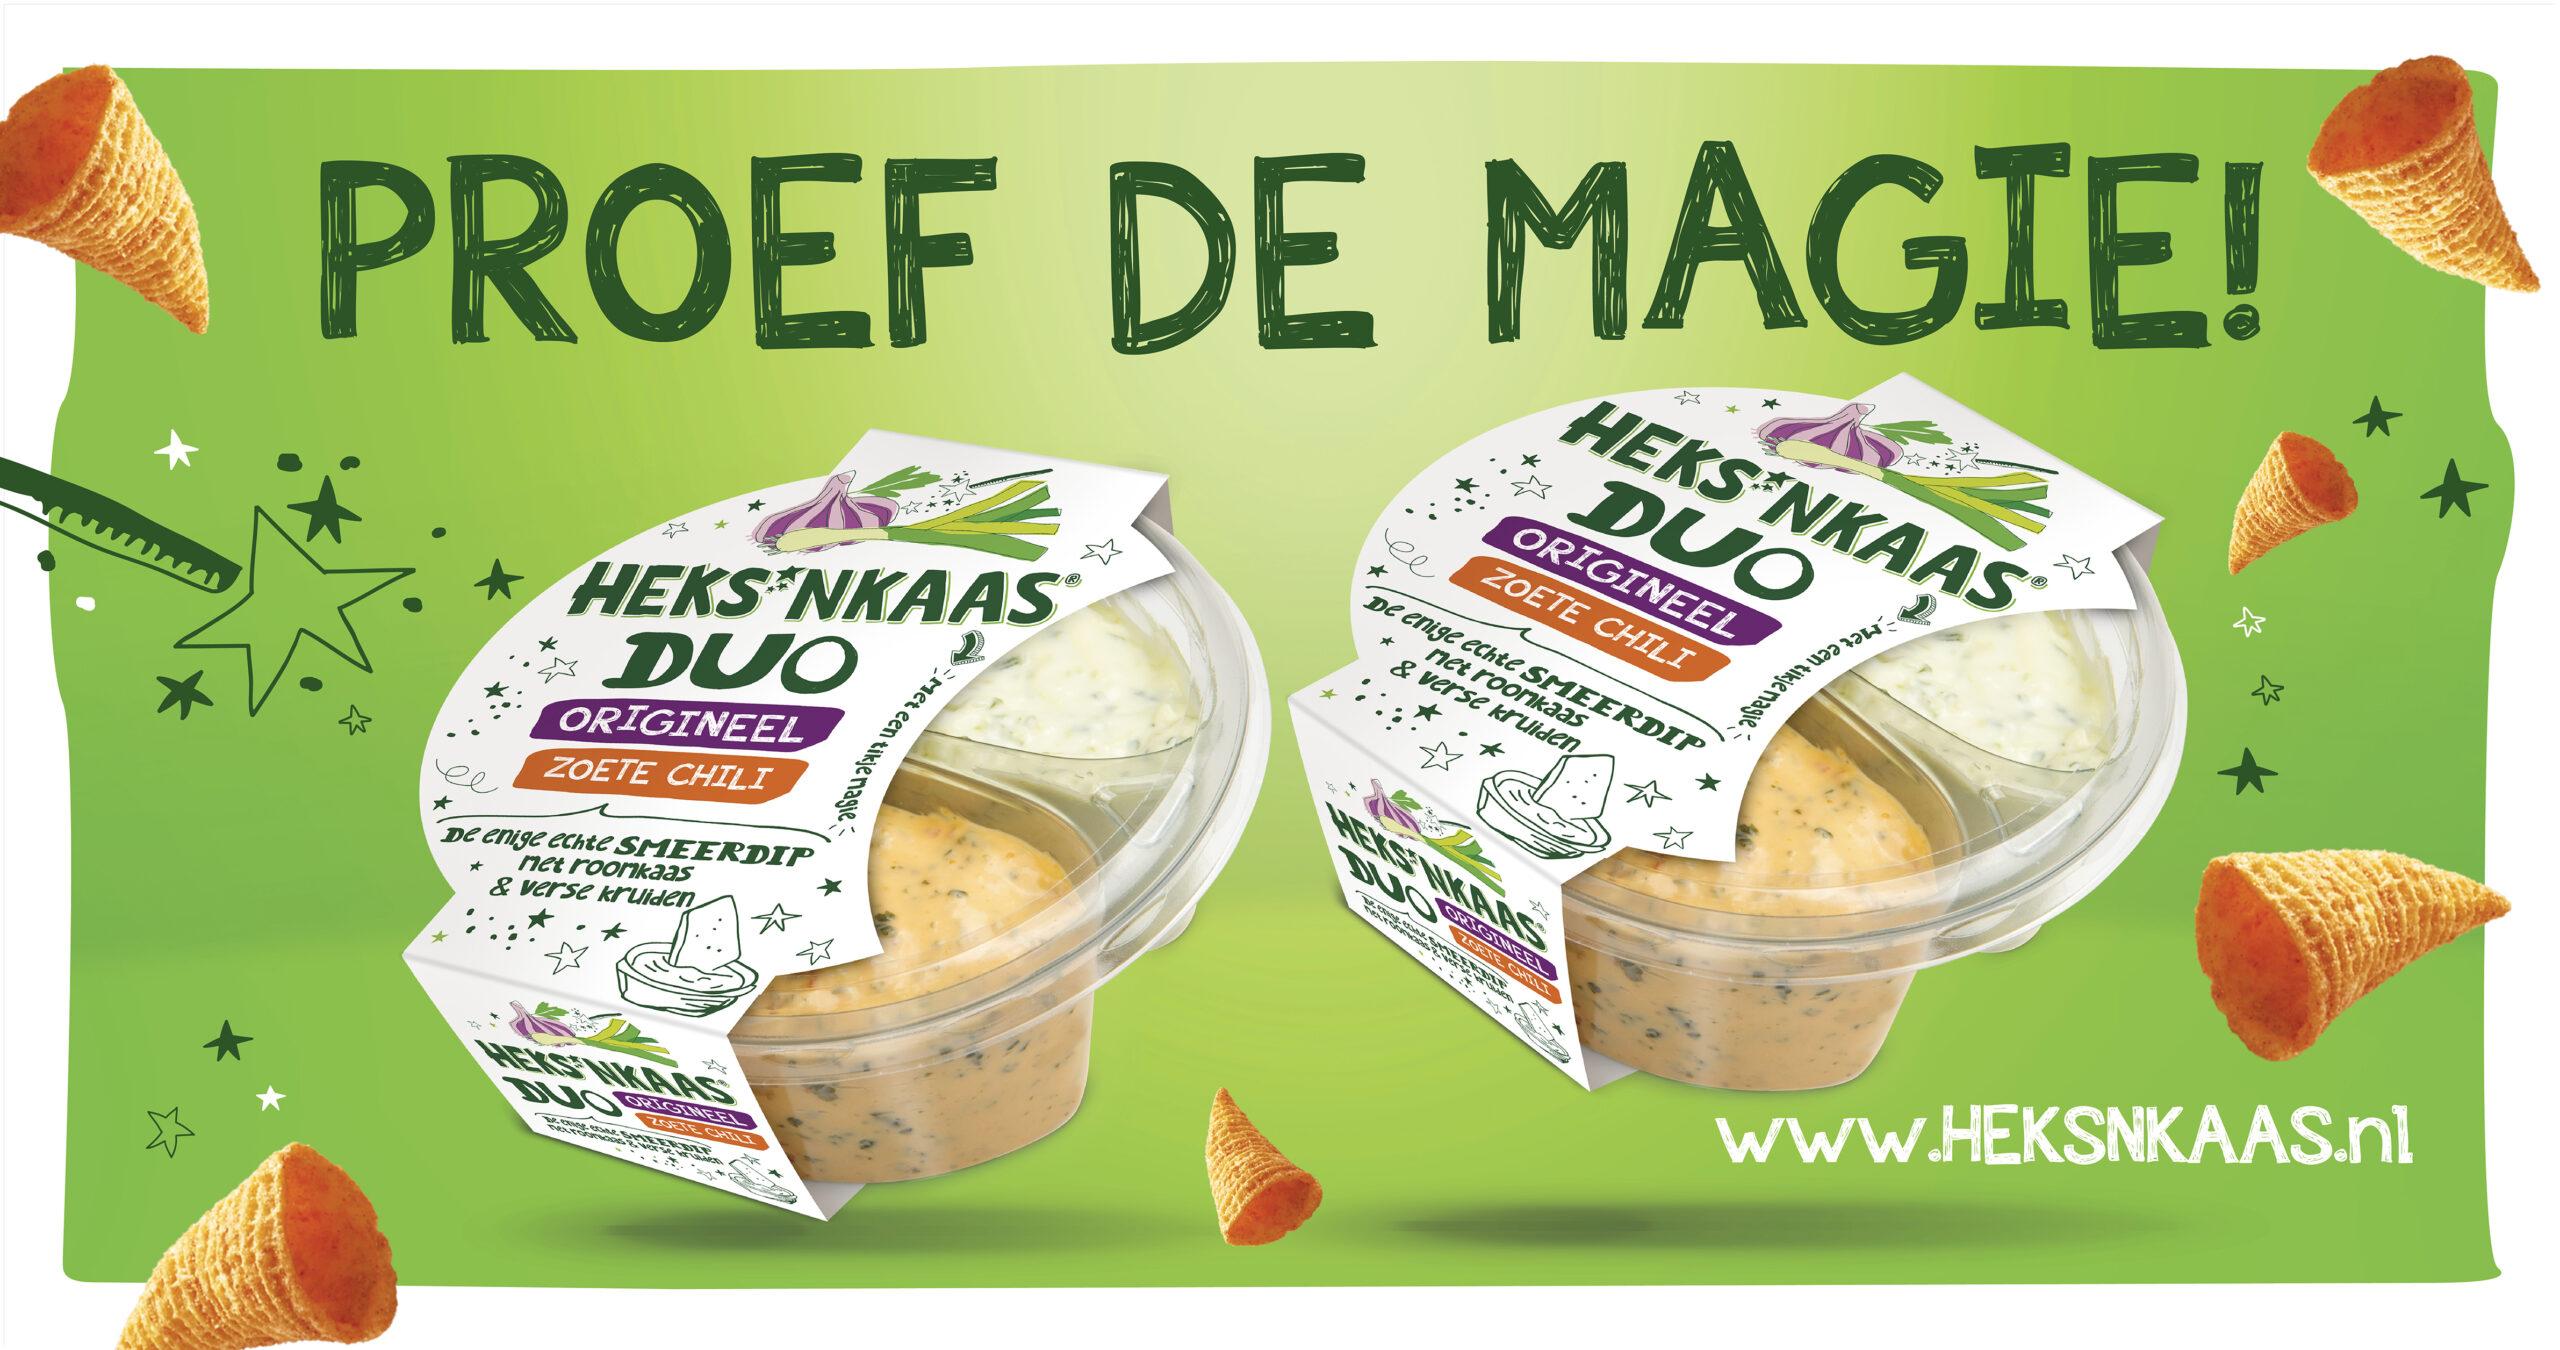 *Nieuw! Duo verpakking HEKS'NKAAS®Origineel met HEKS'NKAAS®Zoete Chili